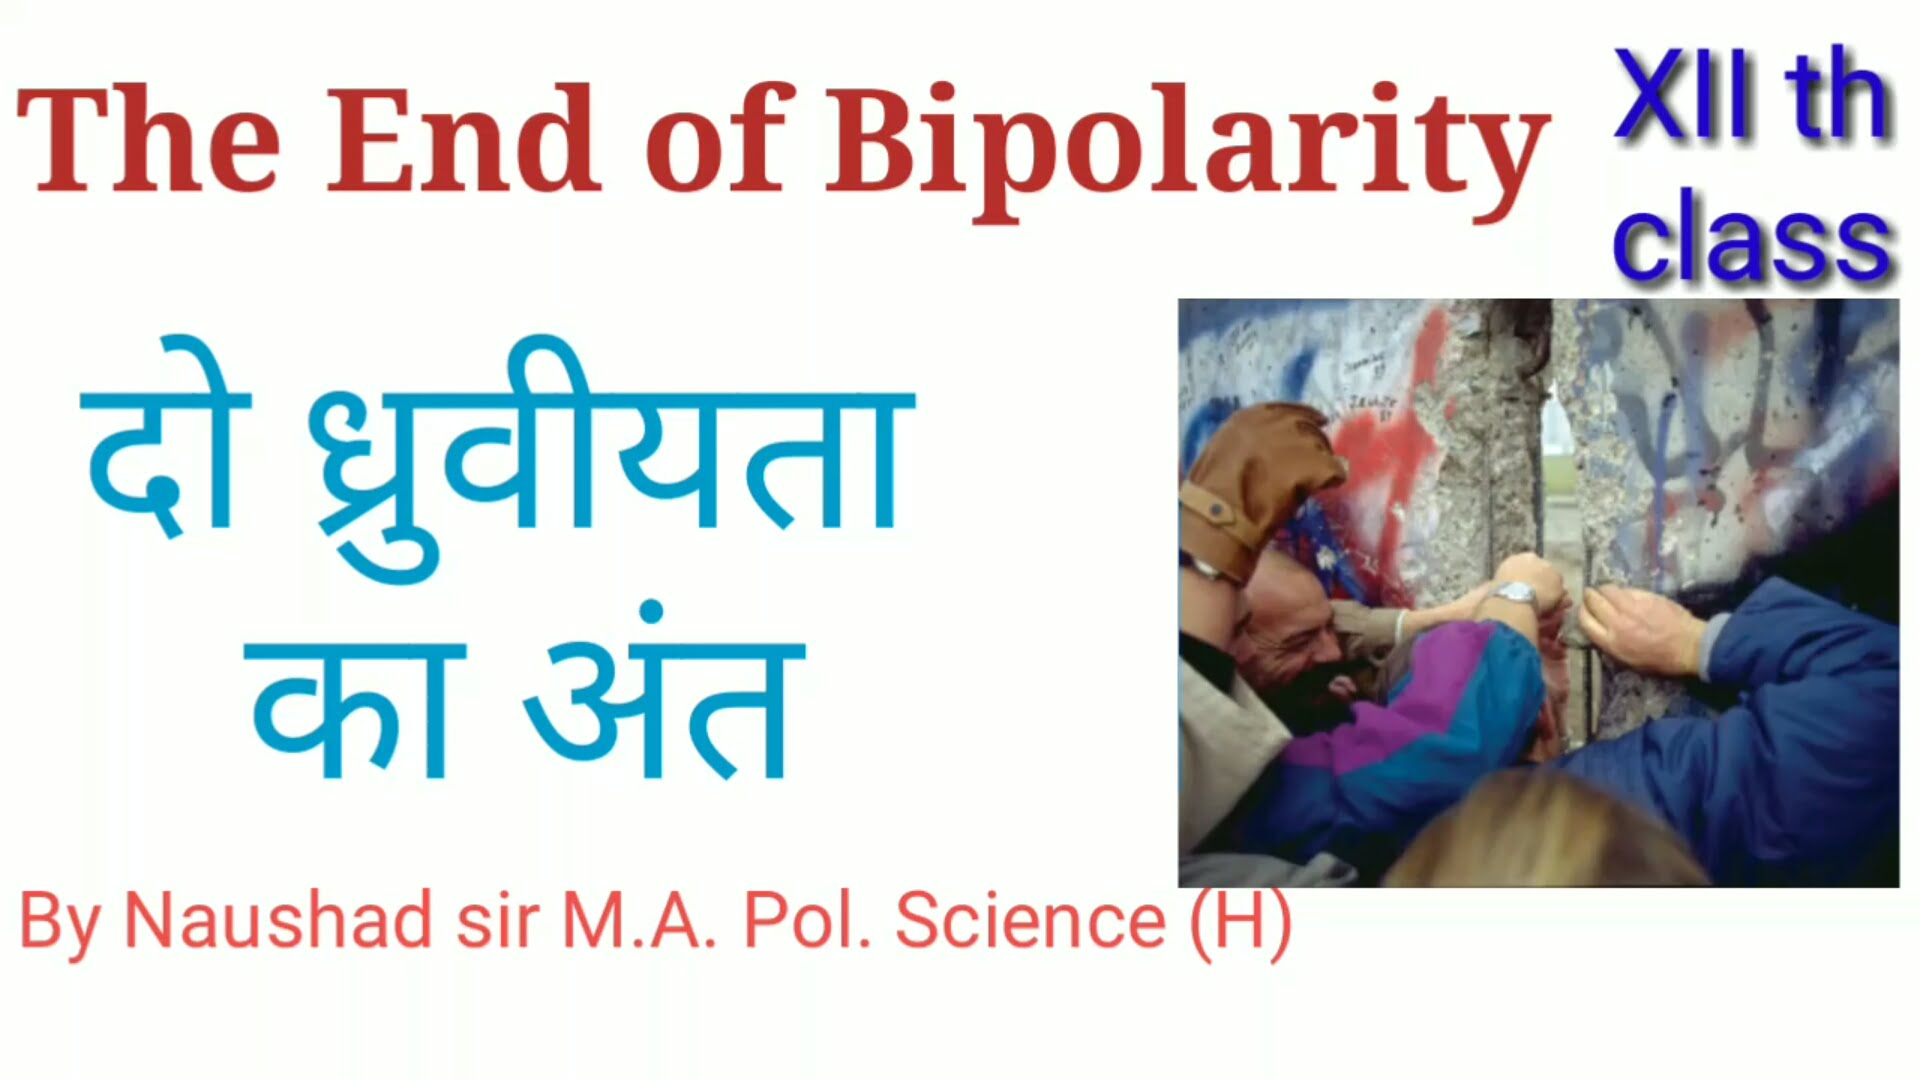 End of Bipolarity in Hindi दो ध्रुवीयता का अंत